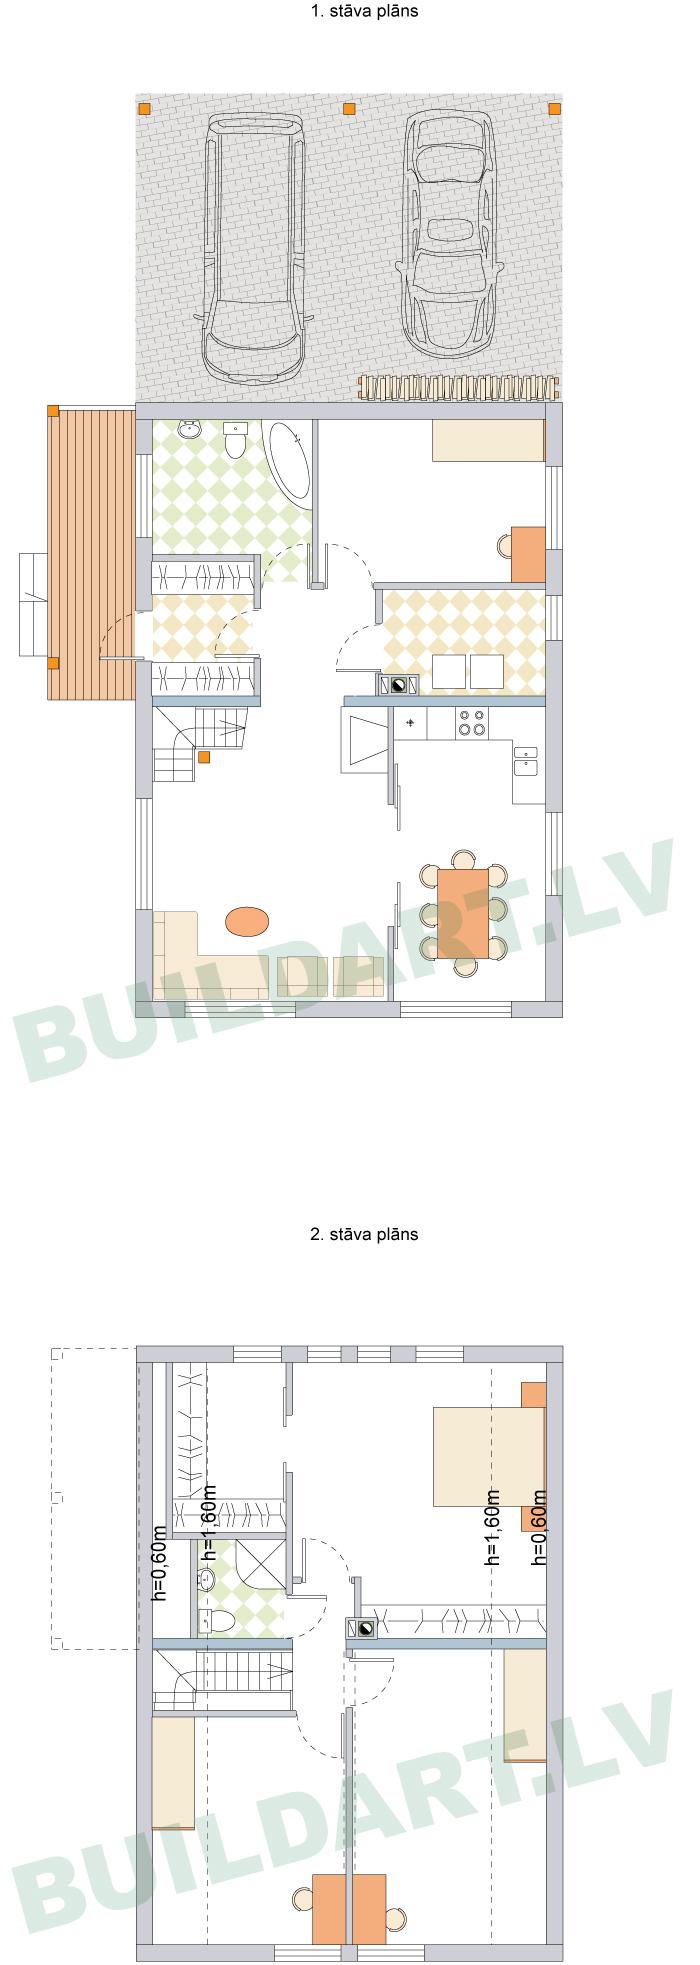 """Ekonomiskas ģimenes mājas projekts """"Aldis LUX"""" stāvu plāni"""